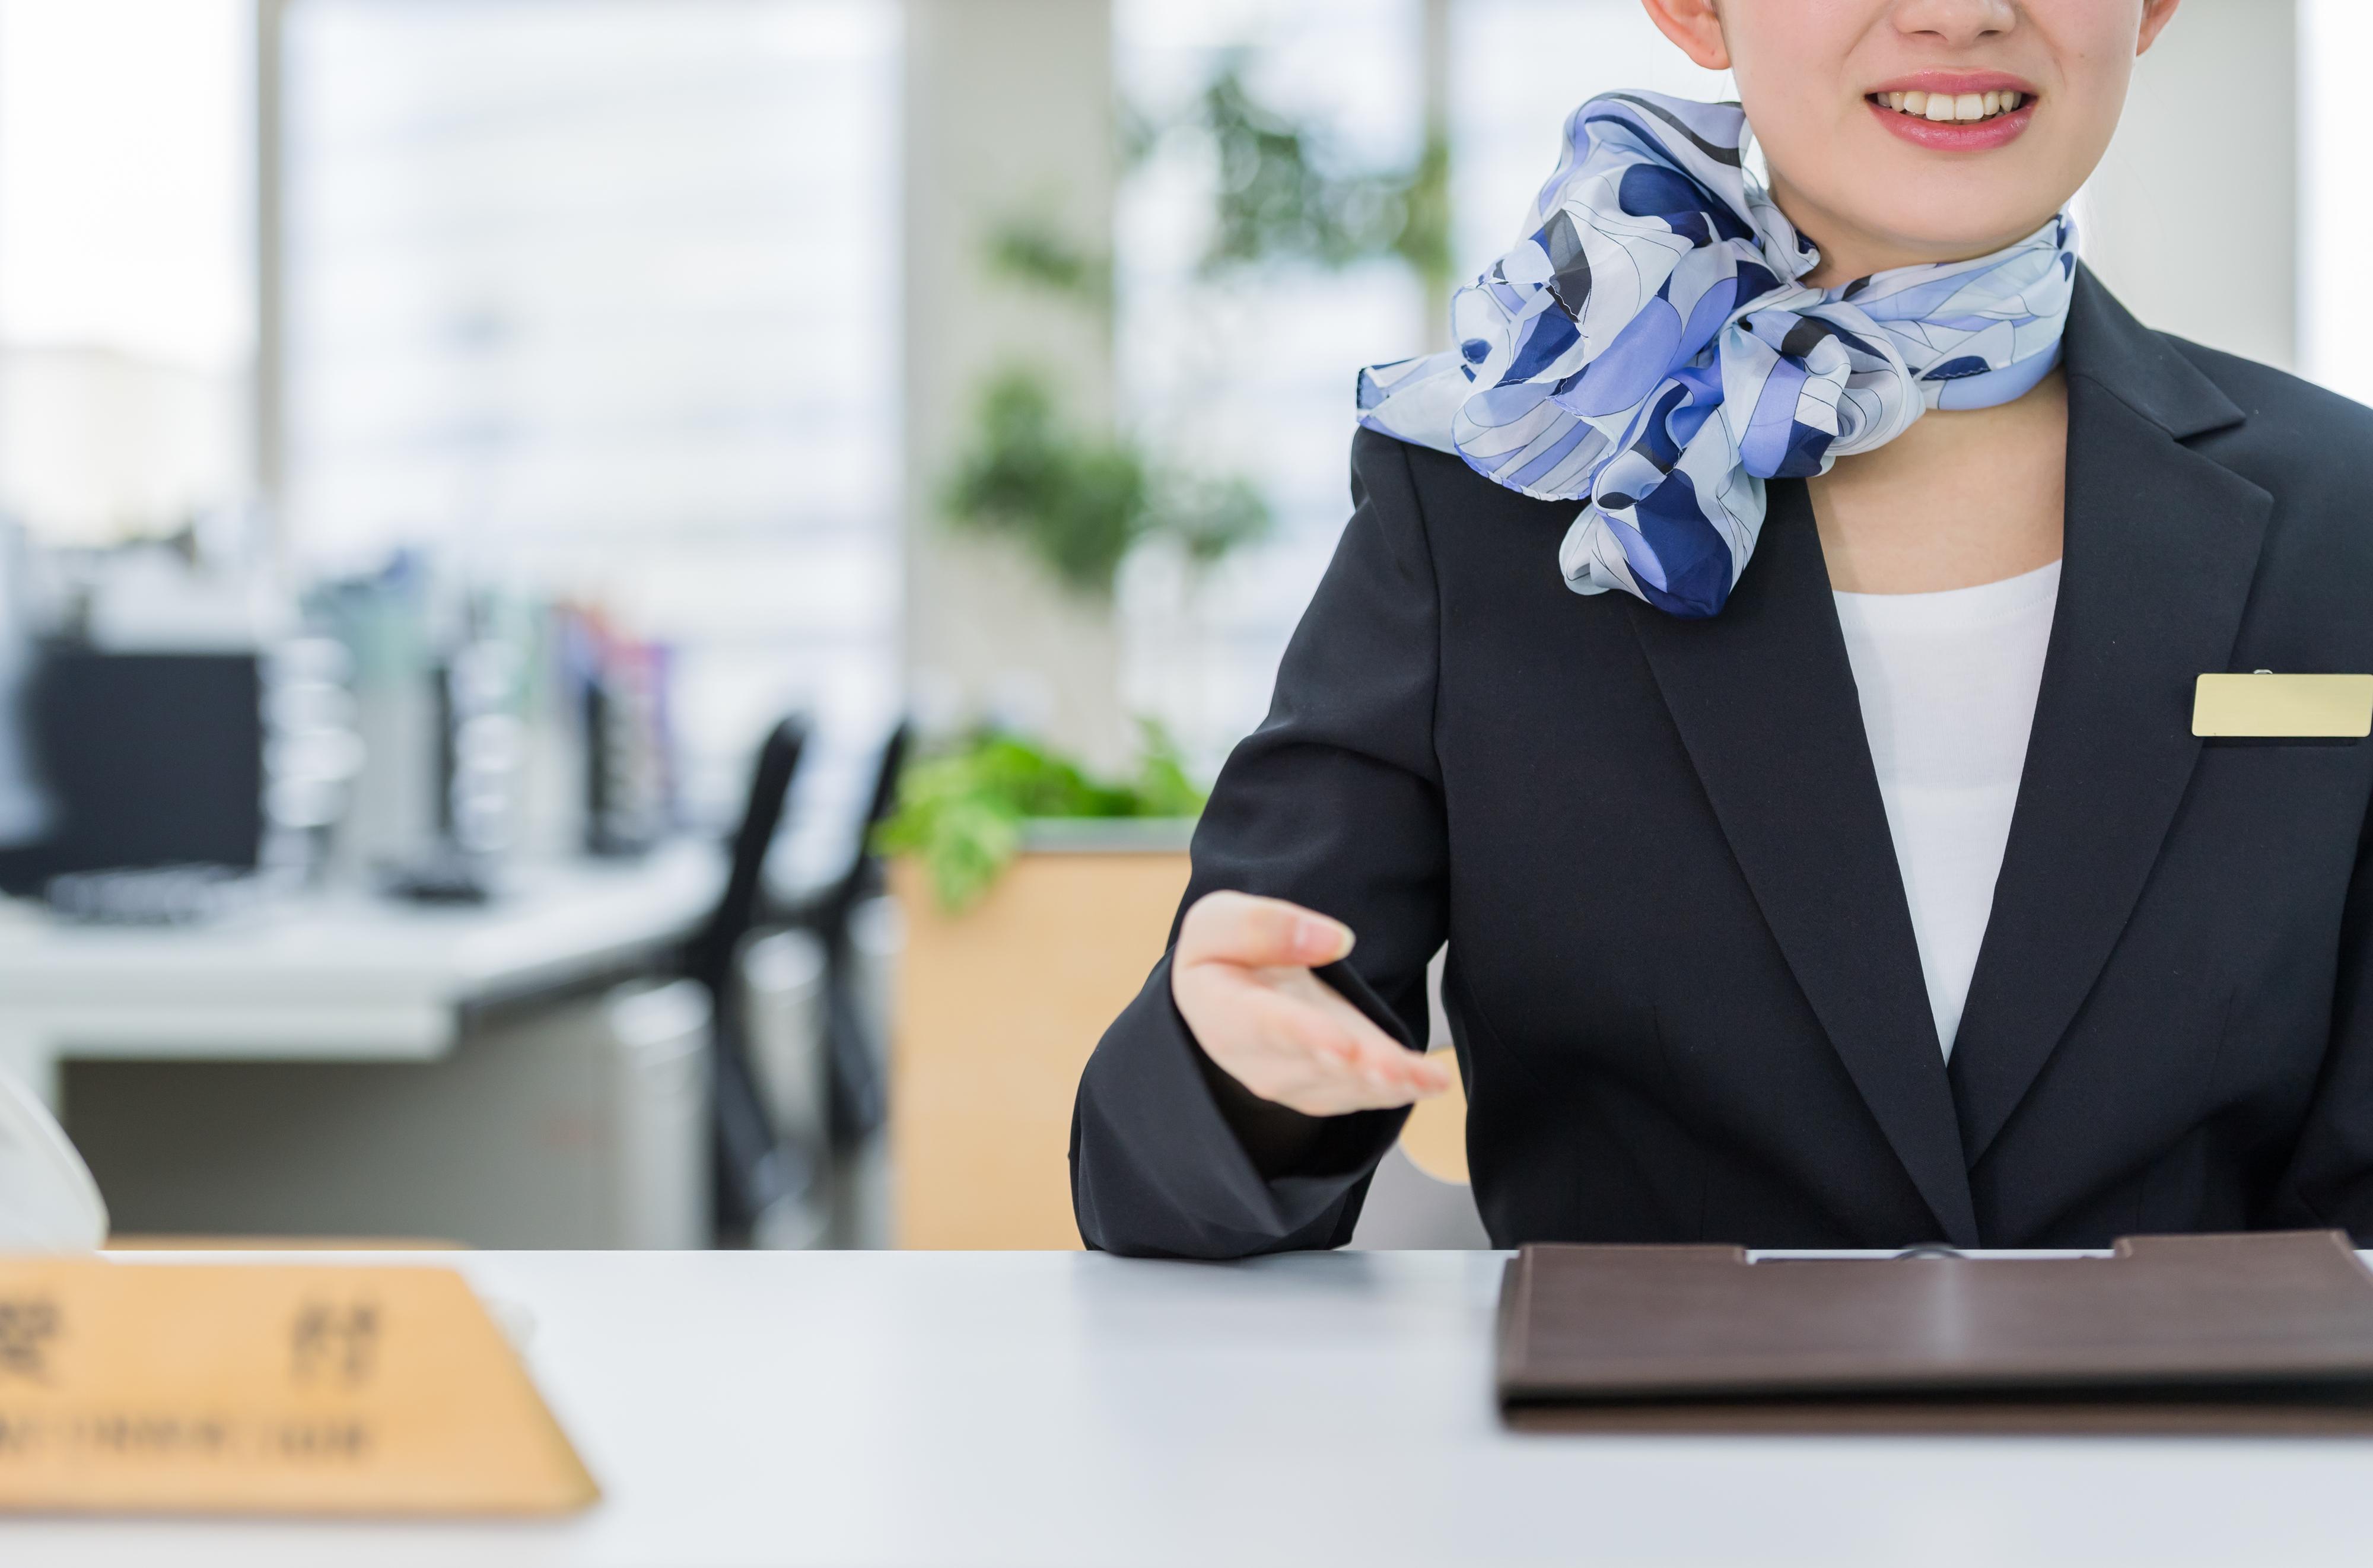 shiinoki.co.jp 起業家と投資家のマッチングサイト